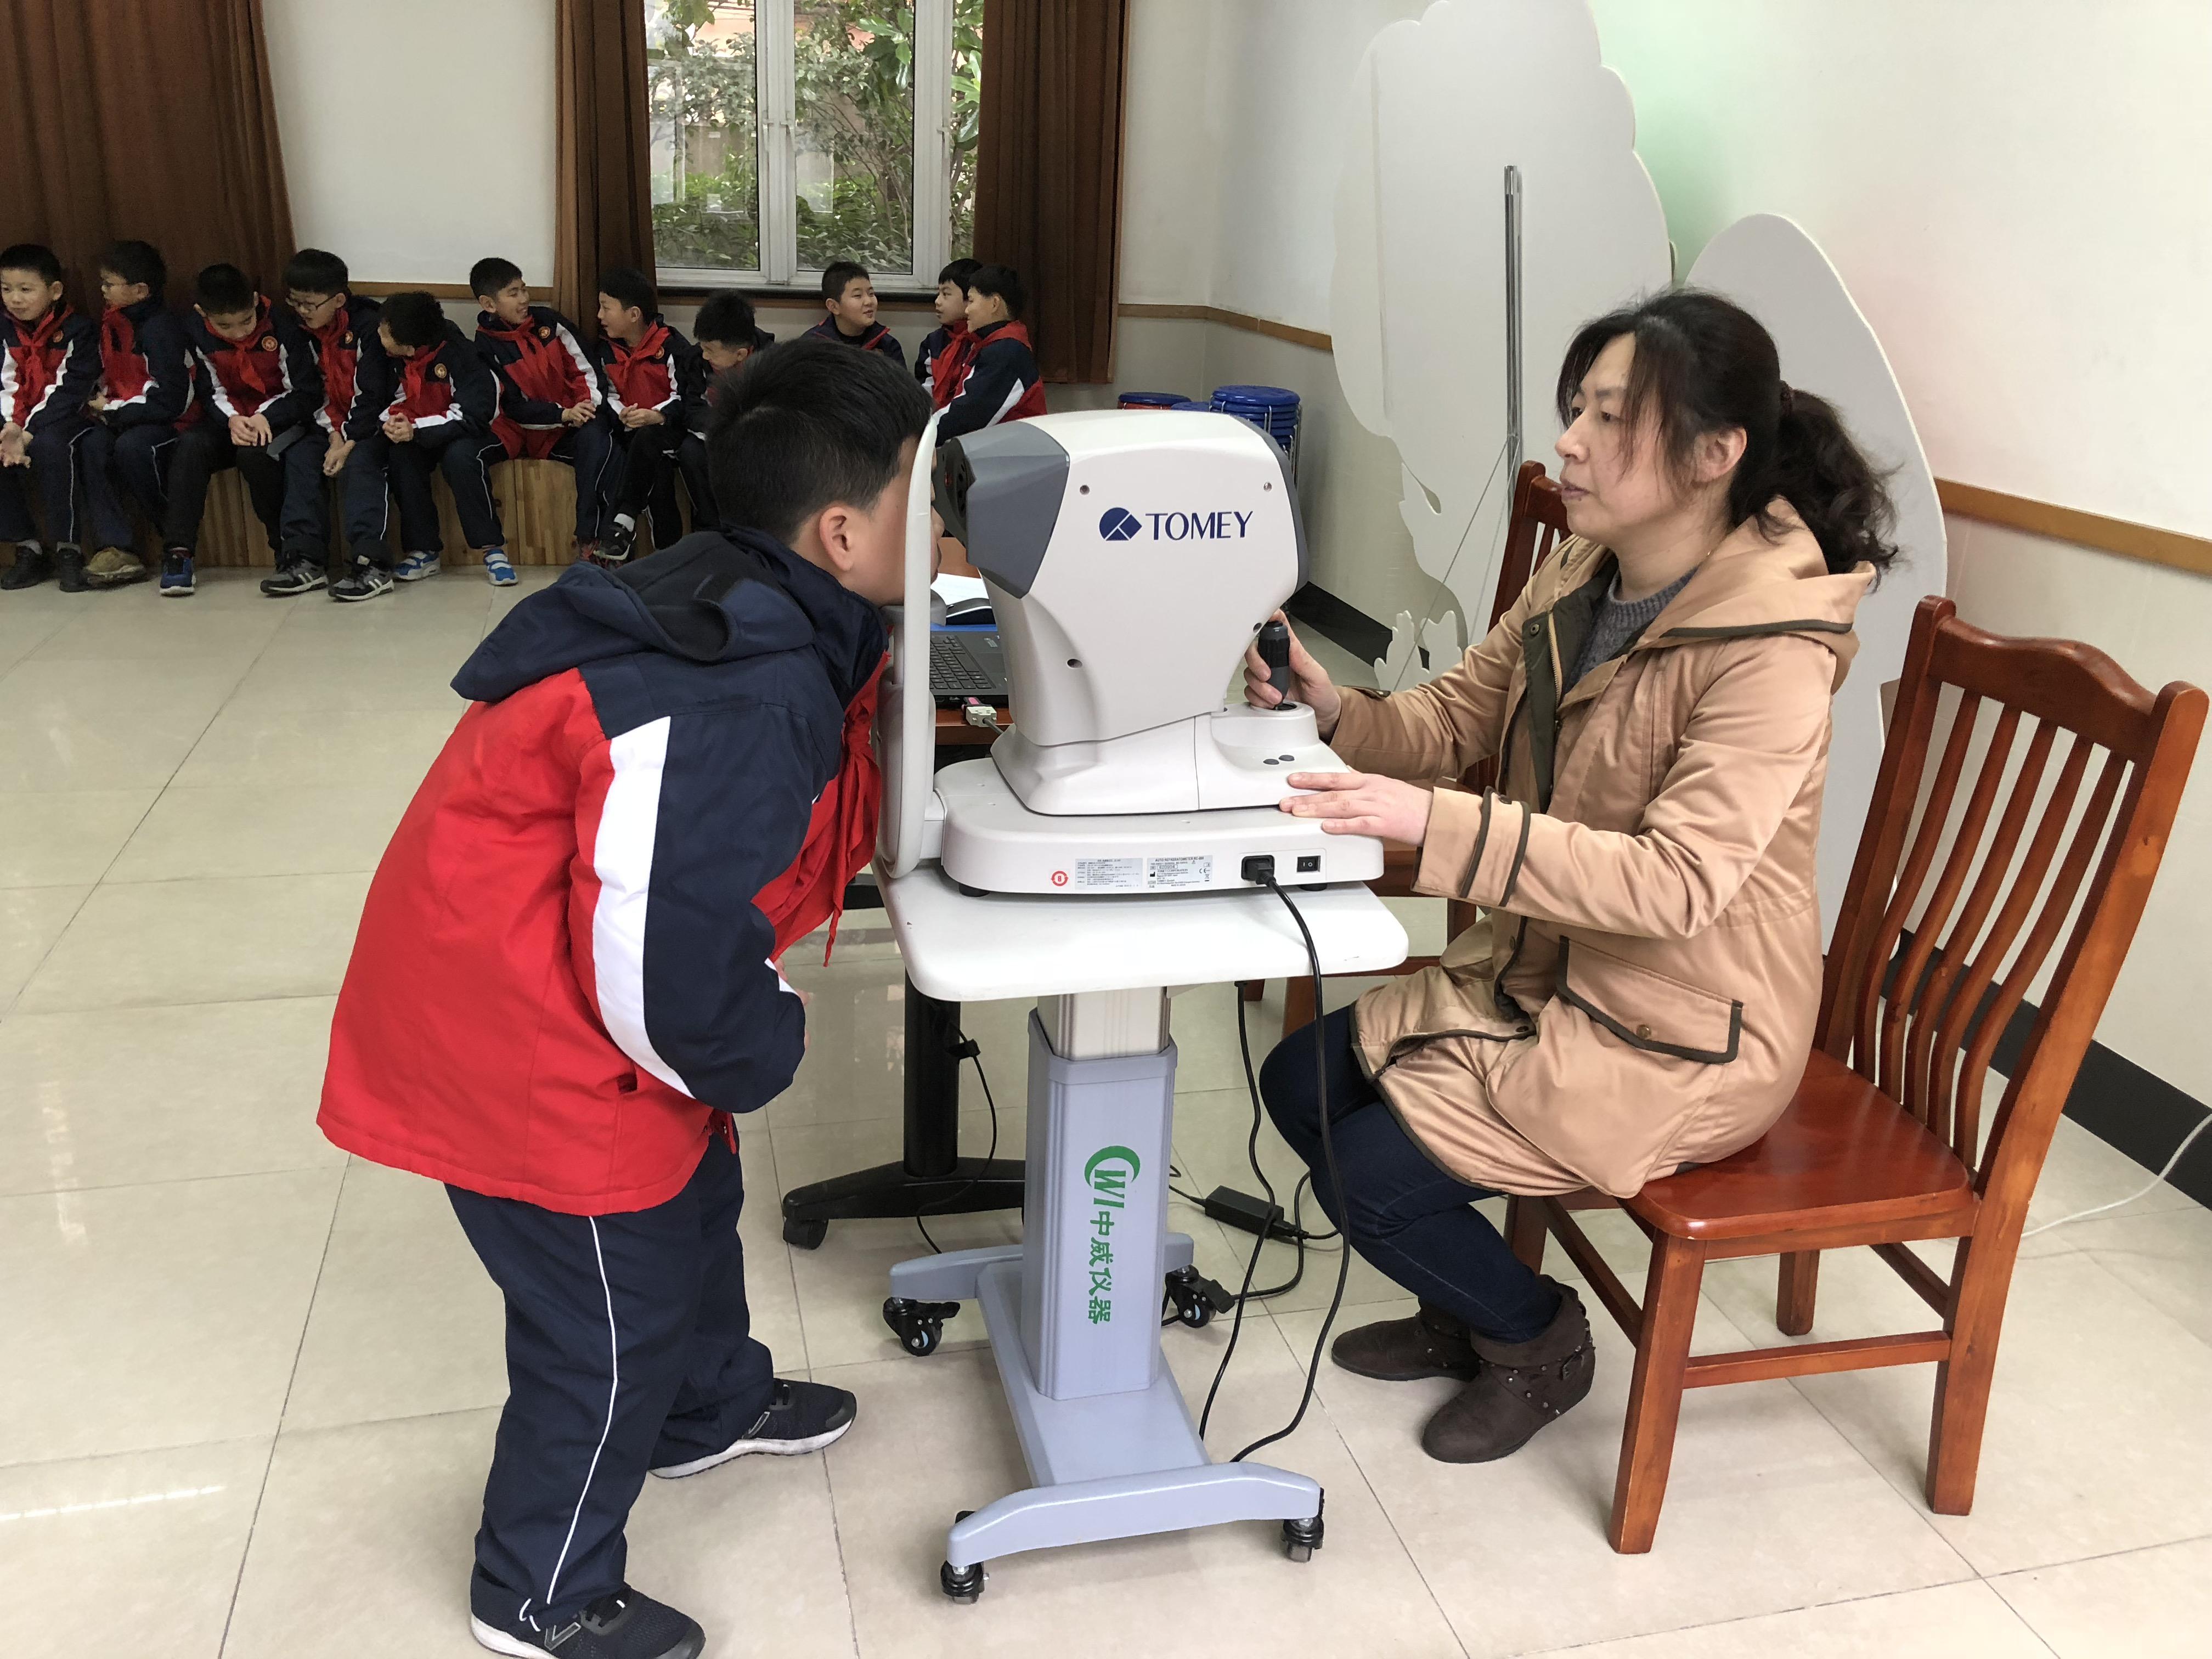 综合防控近视,上海构建青少年绿色用眼环境